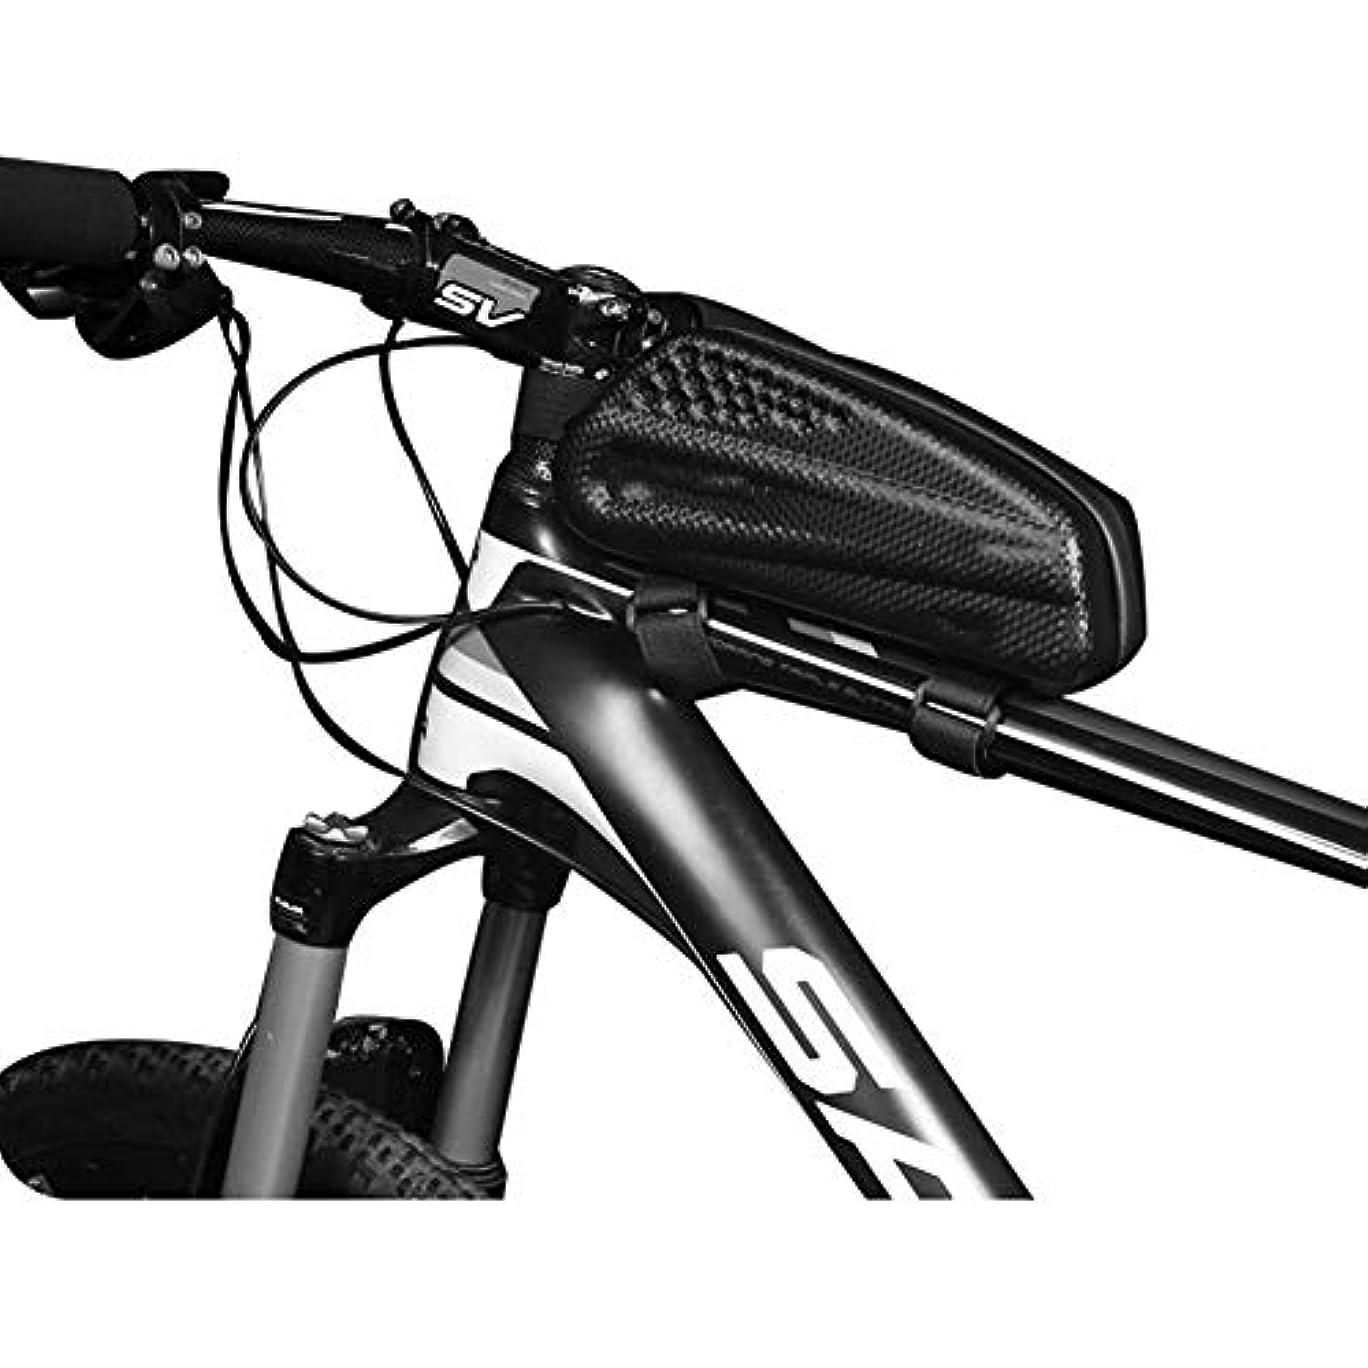 悪意のある卑しいストロークトップチューブバッグ 自転車 サイクリング用 フレームバッグ  高容量 防圧 防塵 軽量 防水 簡単装着 小物収納 膝に当たらないデザイン ロードバイク マウンテンバイク 反射板付き